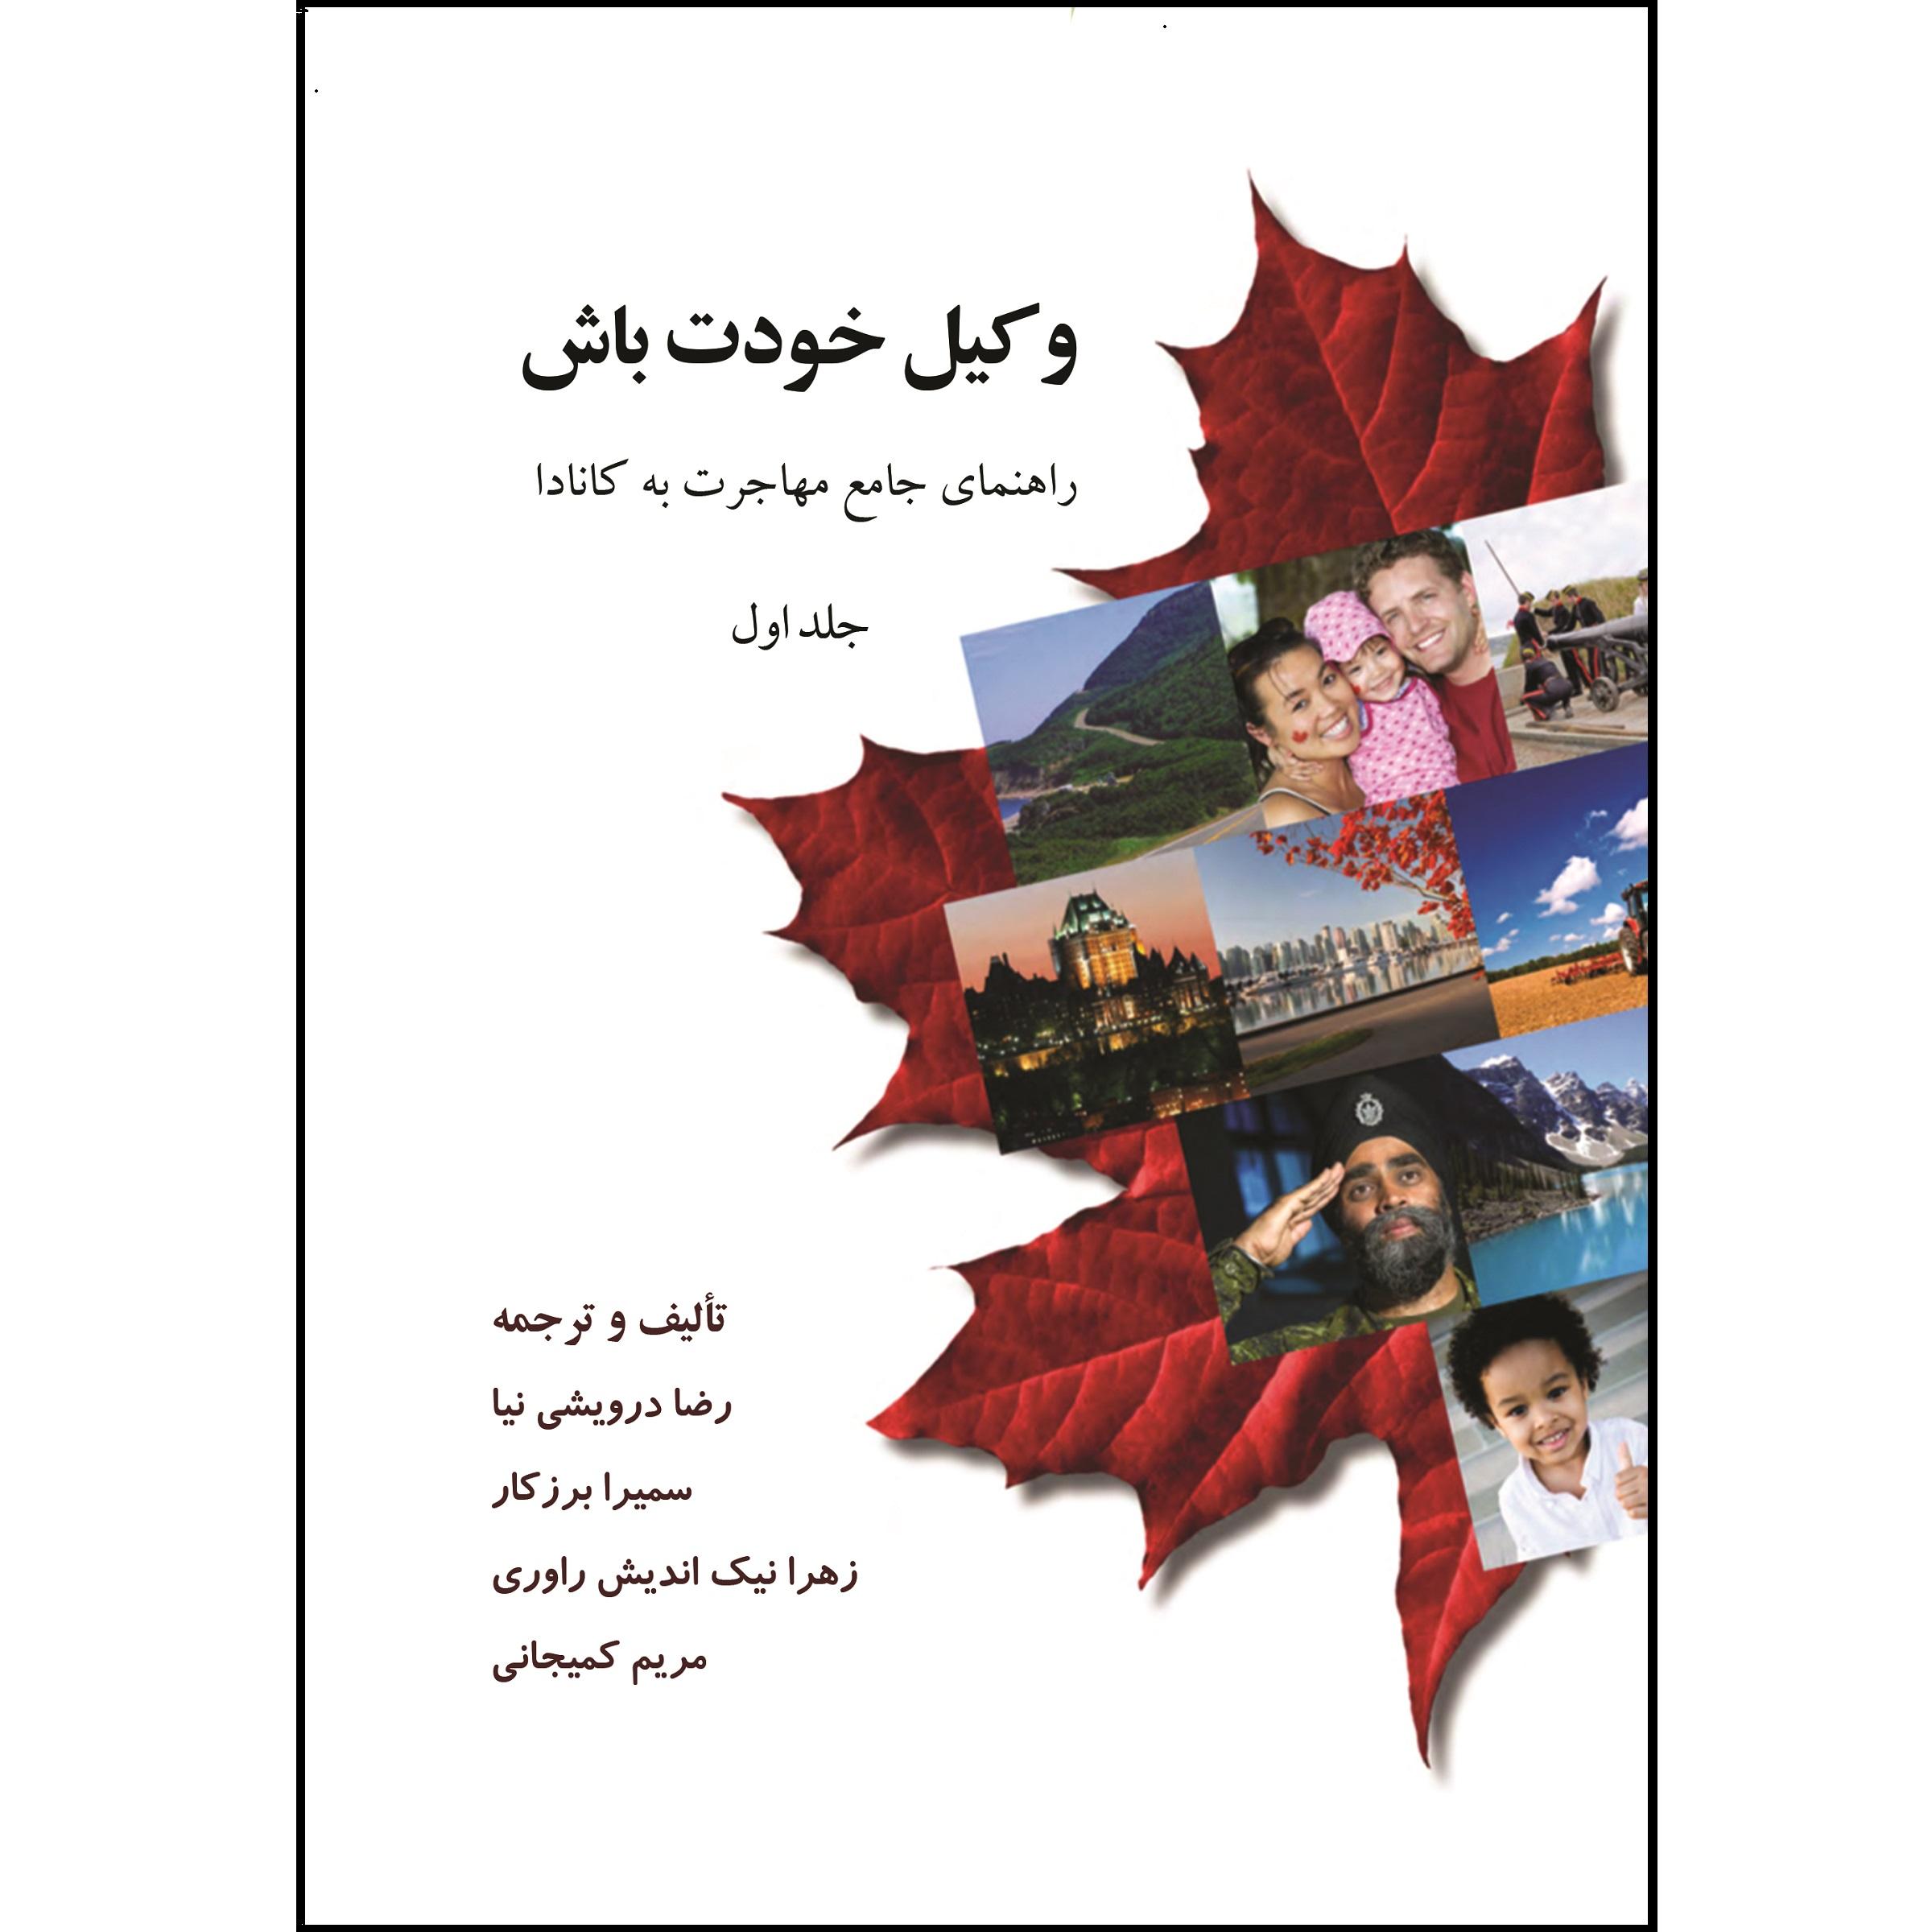 کتاب وکیل خودت باش راهنمای جامع مهاجرت به کانادا اثر جمعی از نویسندگان نشر زرین اندیشمند